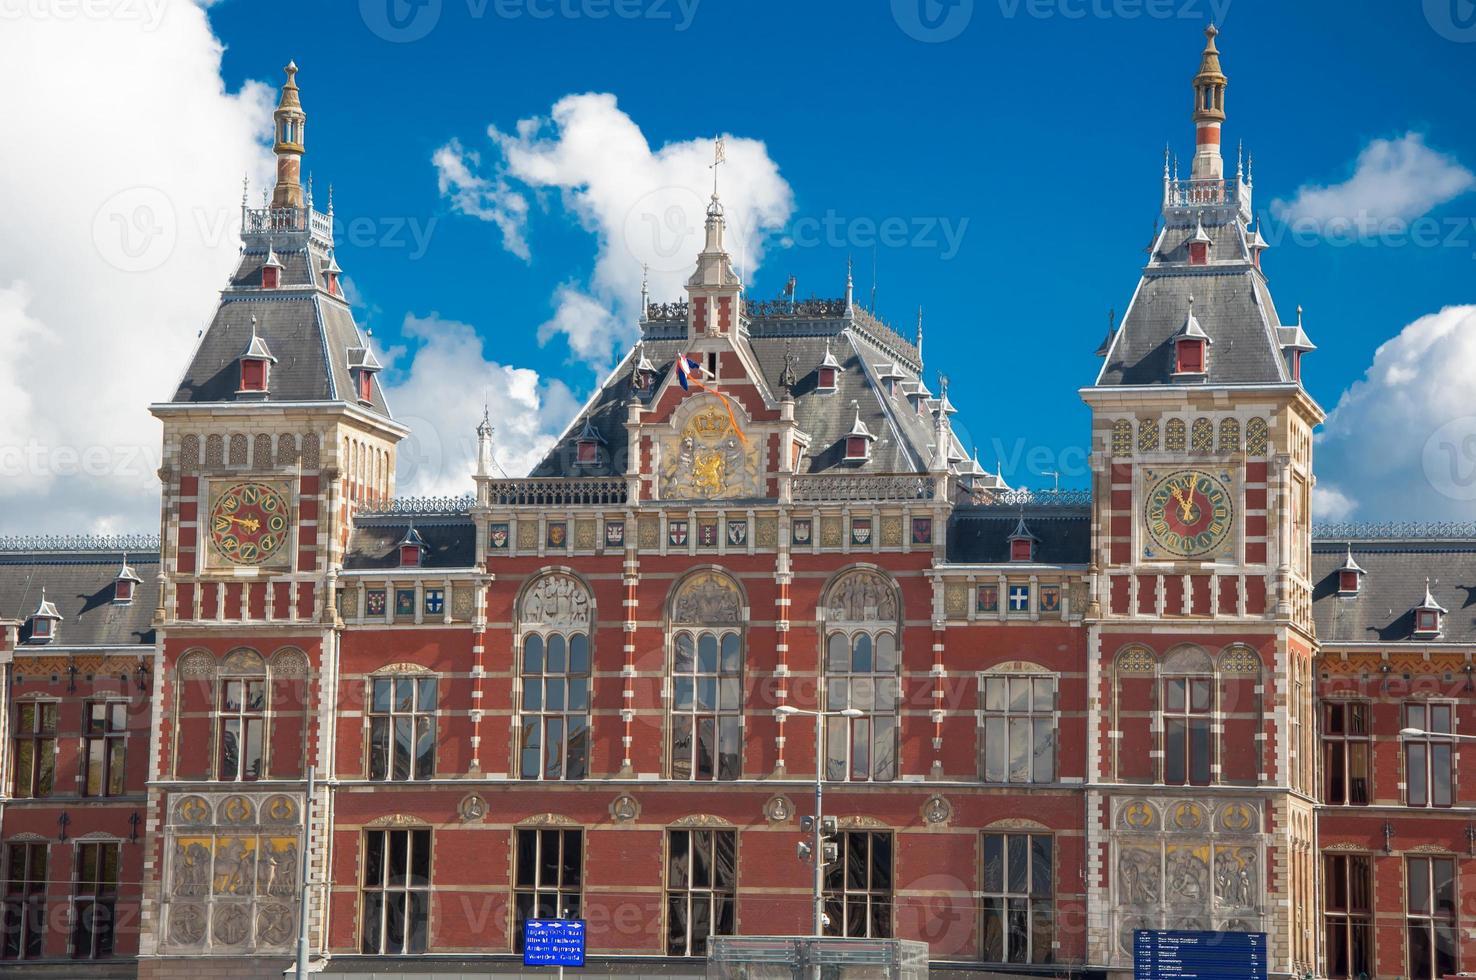 Façade de la gare centrale d'Amsterdam en journée ensoleillée, aux Pays-Bas. photo